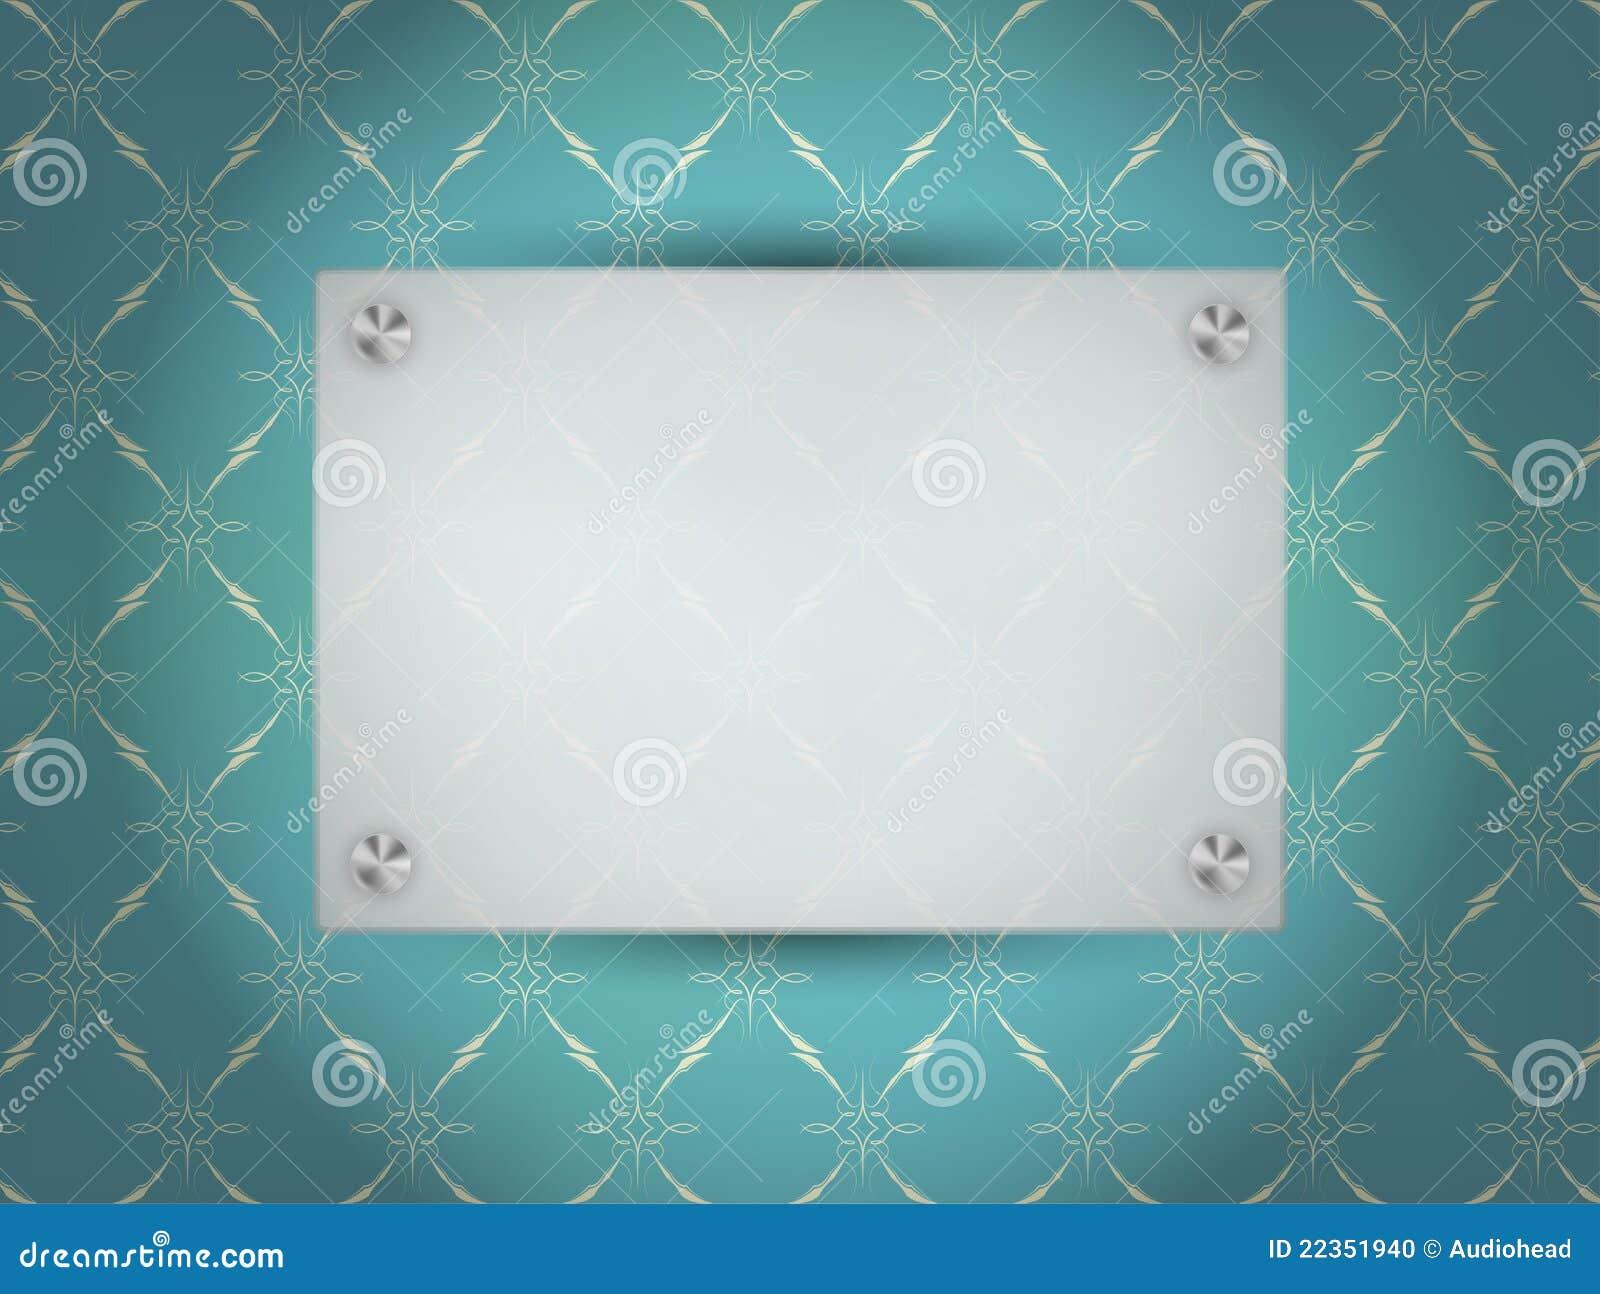 空白框架透明向量